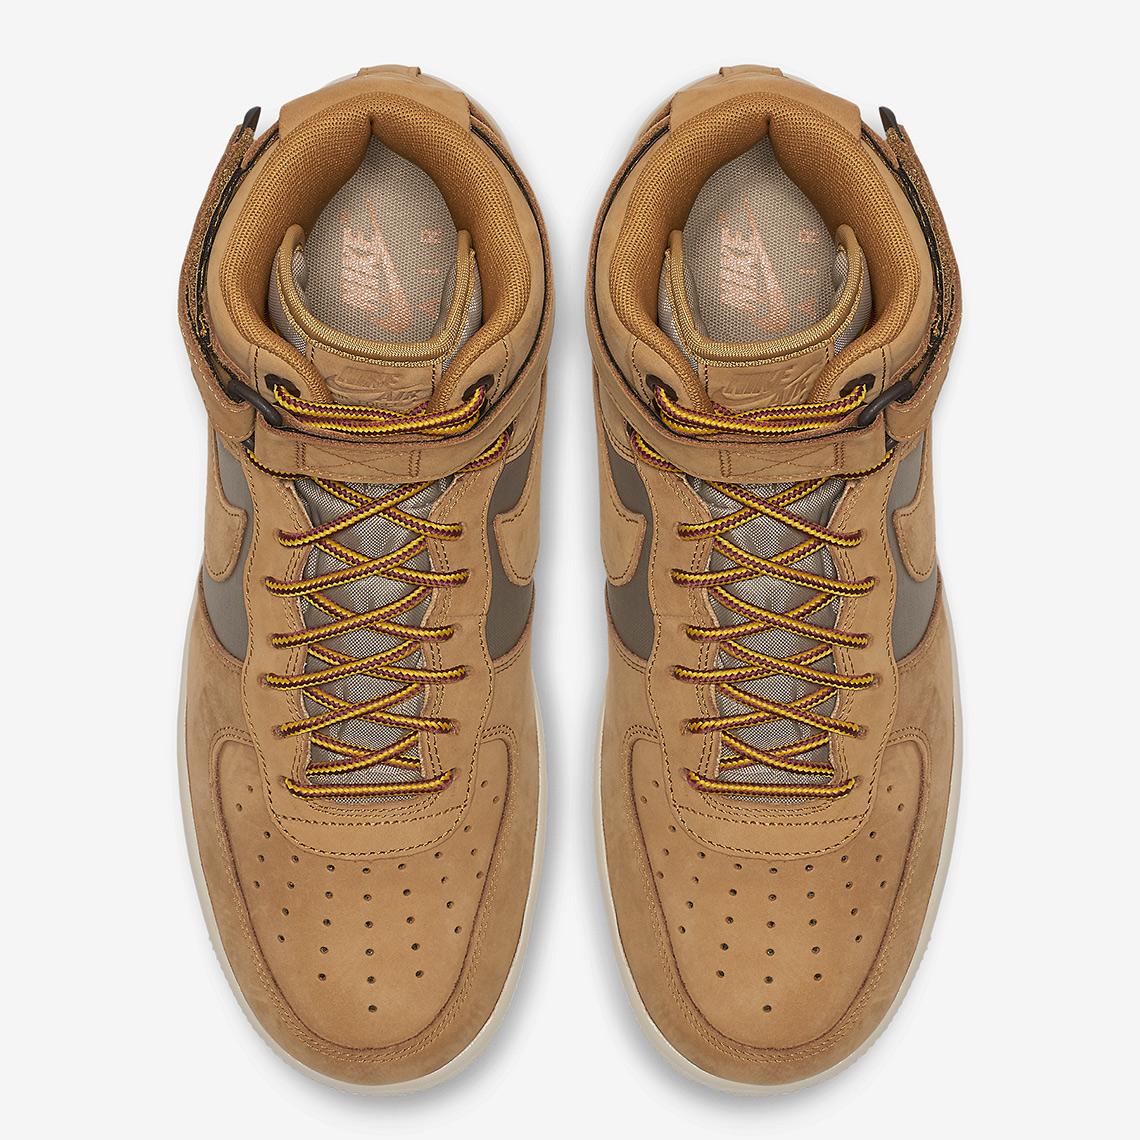 nike air force 1 high 525317 700 5 - Nike Air Force 1 High Wheat 525317-700 Release Info